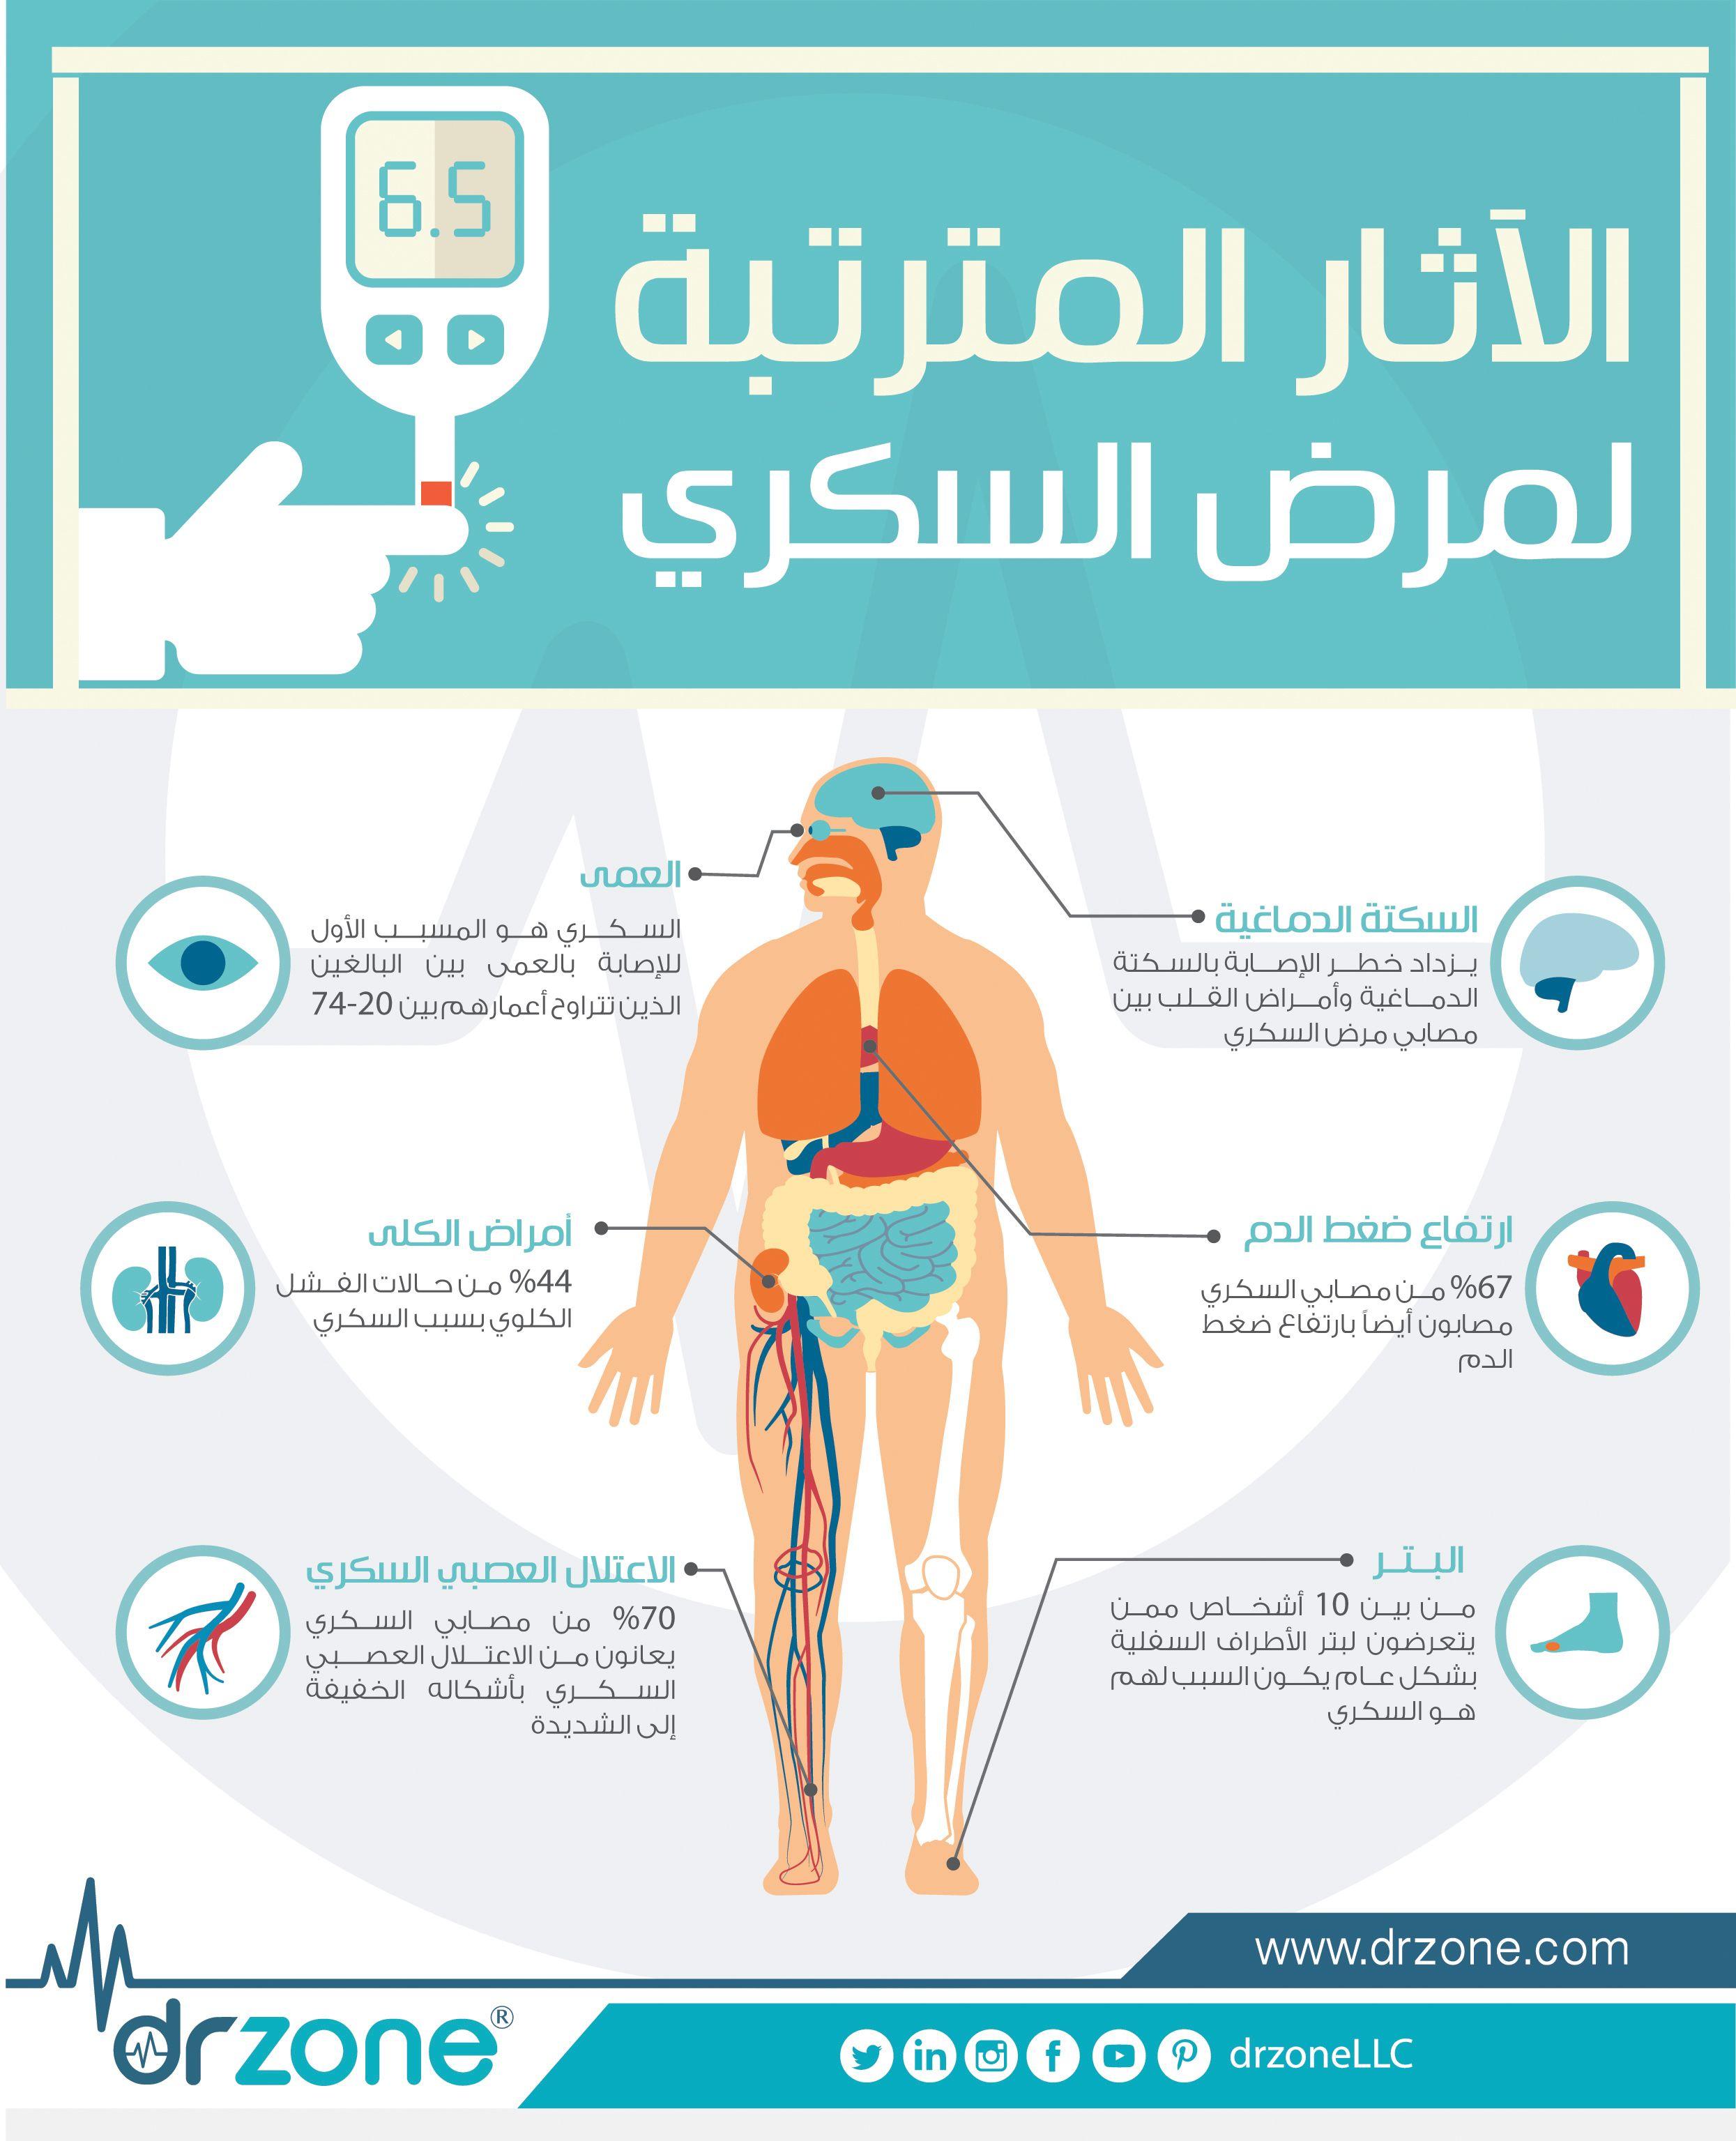 الآثار المترتبة لمرض السكري Diabetes Education Health Care Diabetes